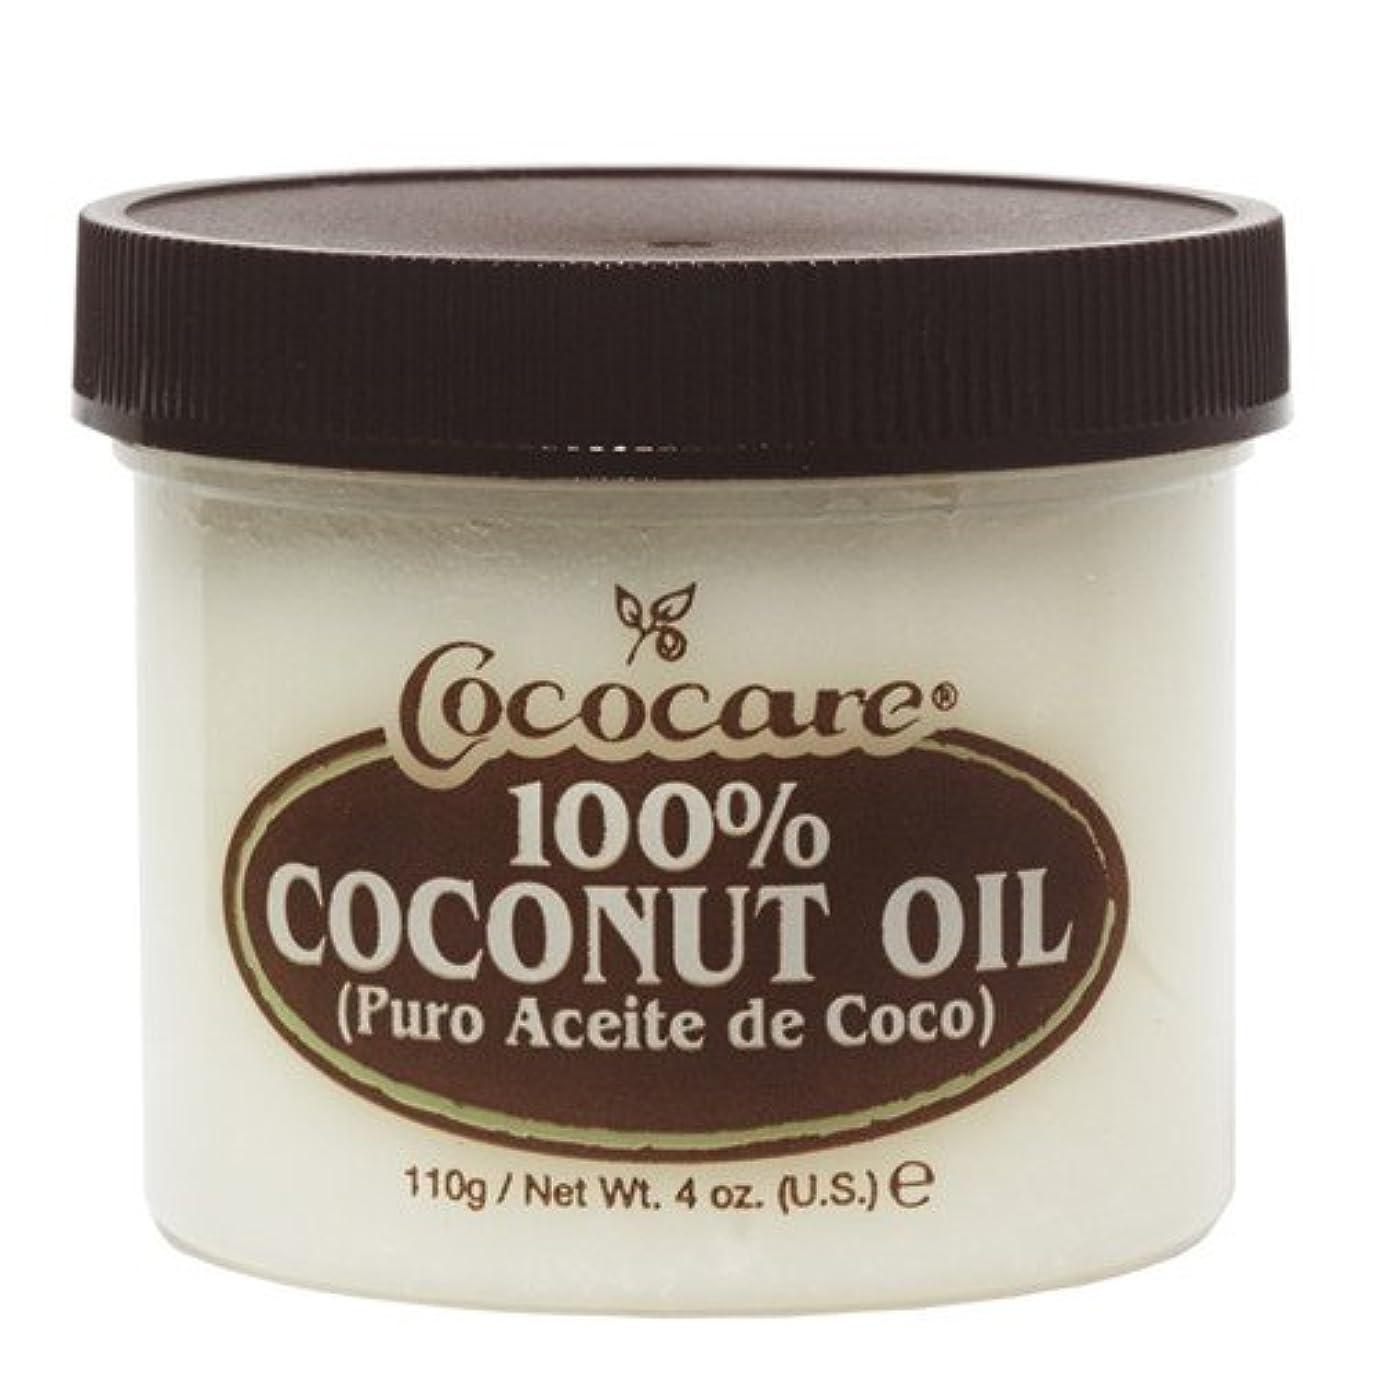 断言する時系列謝罪するCOCOCARE ココケア ココナッツオイル 110g